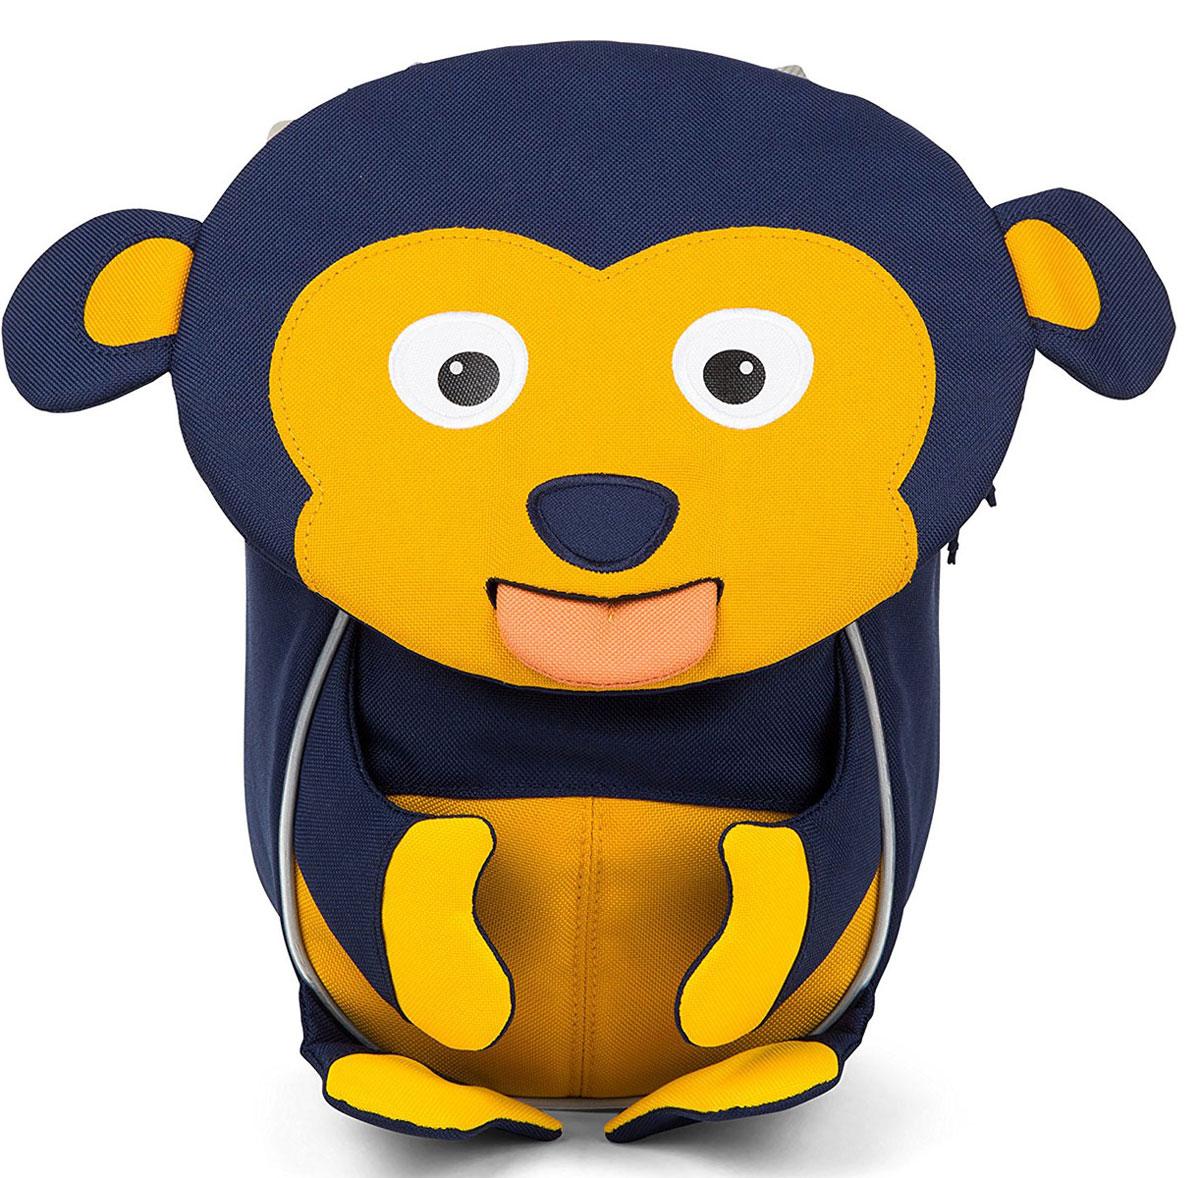 Affenzahn Рюкзак дошкольный Marty MonkeyAFZ-FAS-002-011Рюкзак Affenzahn, выполненный из прочного материала, предназначен для детей раннего возраста.Предусмотрена возможность регулировки лямочной системы, в частности, нагрудного ремня по высоте. Рюкзак включает в себя вместительное внутреннее отделение с растягивающимся карманом. На ярлыке в виде высовывающегося языка можно написать имя ребенка. Изделие оснащено ручкой для переноски. Светоотражающие элементы на внешней стороне рюкзака повышают безопасность на улице.